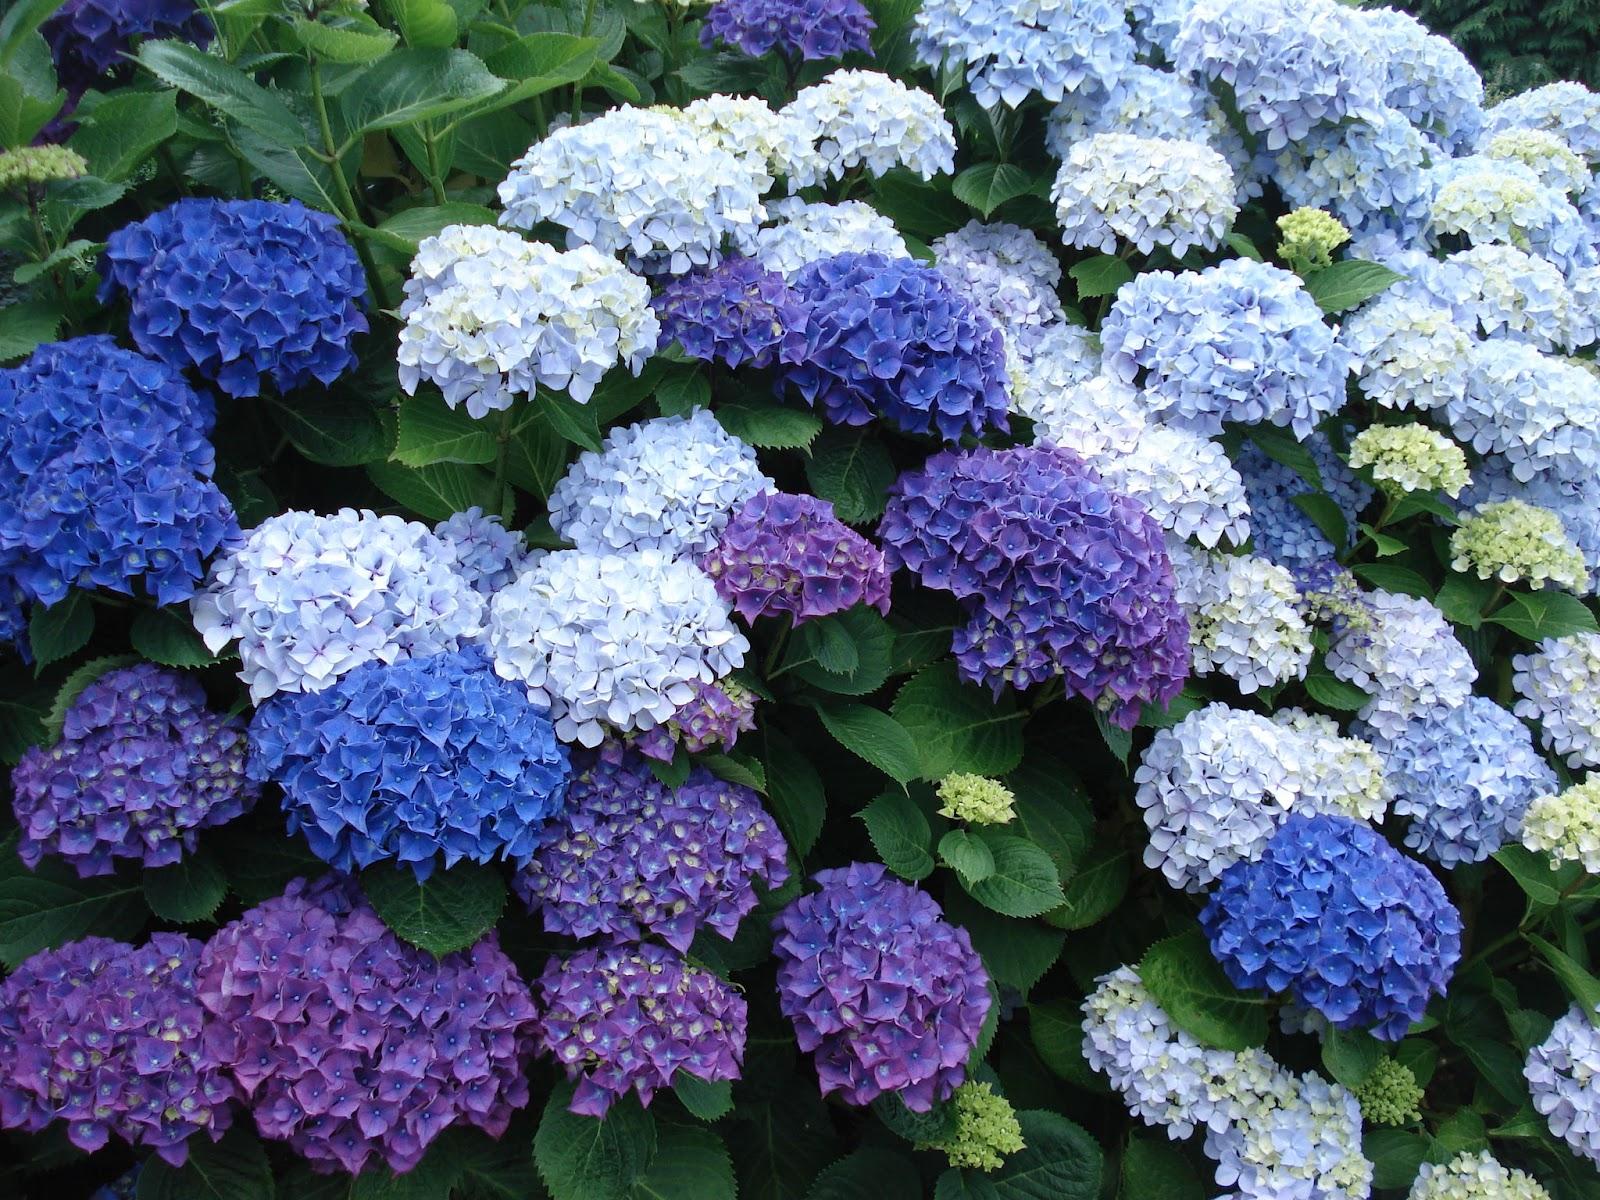 HORTÊNSIAS - A Hortênsia é amplamente cultivada por seu belo efeito ornamental, mas suas folhas e gomos contém glicosídeo cianogênico, uma substância tóxica que pode causar distúrbios gastrintestinais, neurológicos e respiratórios se ingerida.[fonte da imagem]